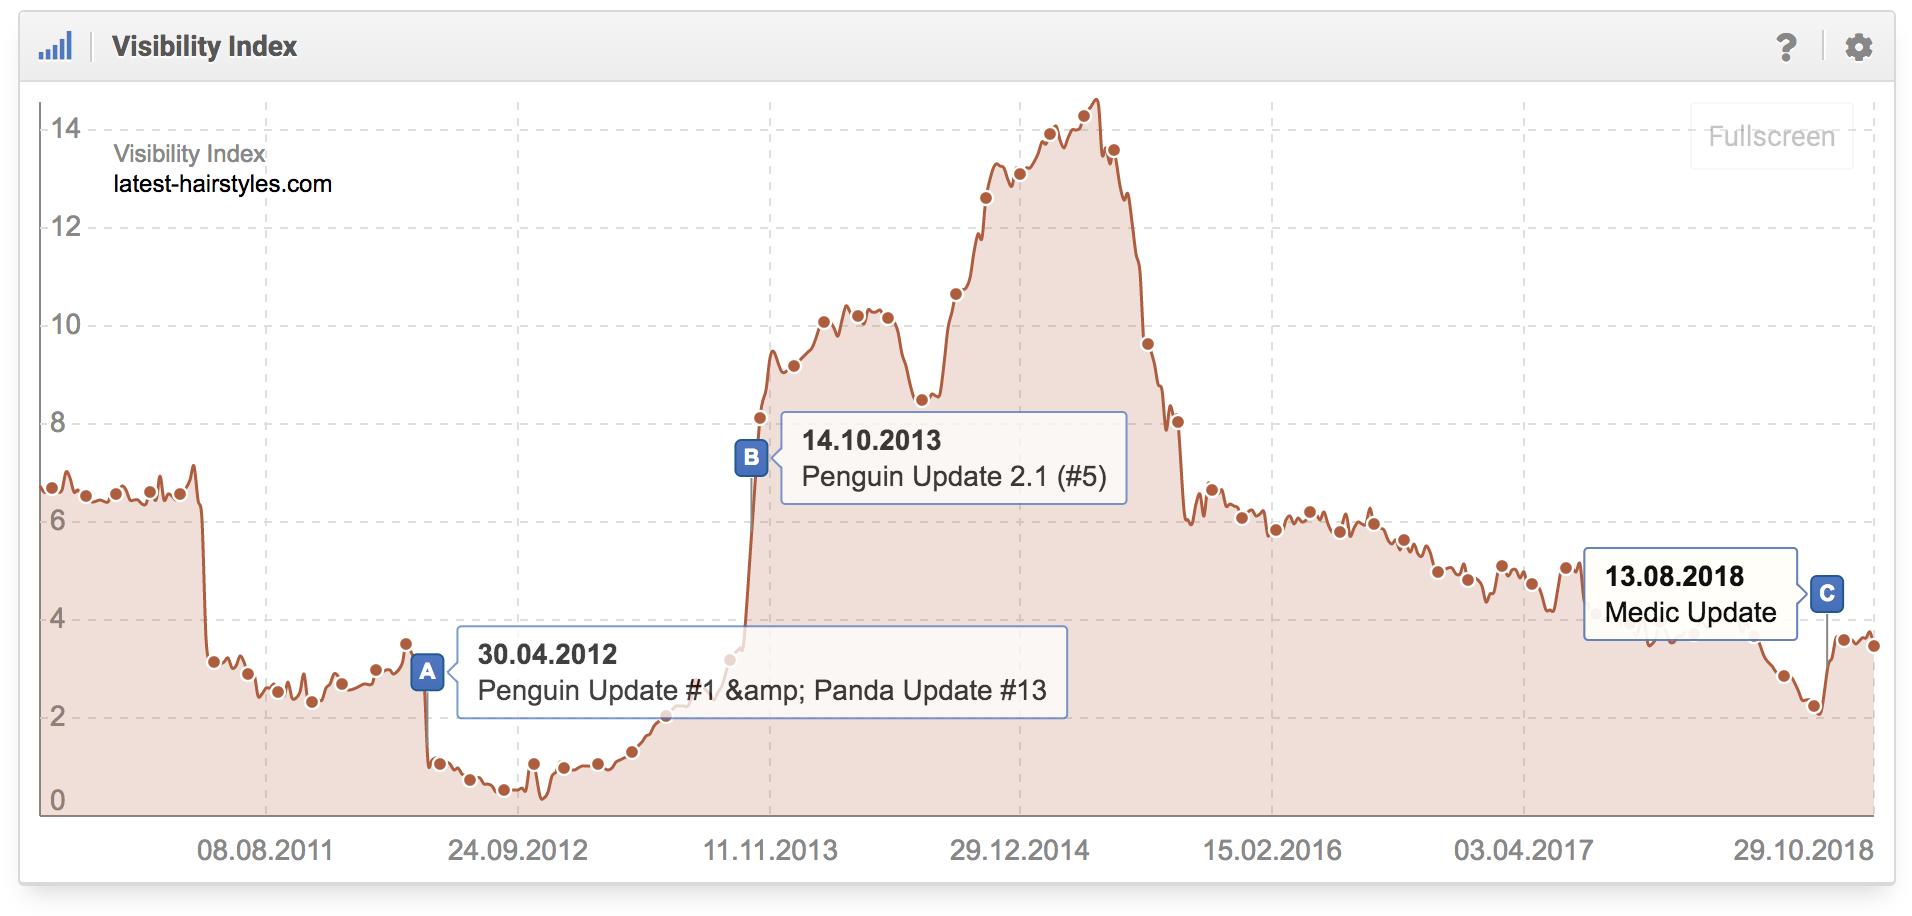 Histórico del índice de visibilidad del dominio latest-hairsyles.com en google.com donde se aprecia que el dominio fue afectado por Penguin Update de Google y por la Medic Update